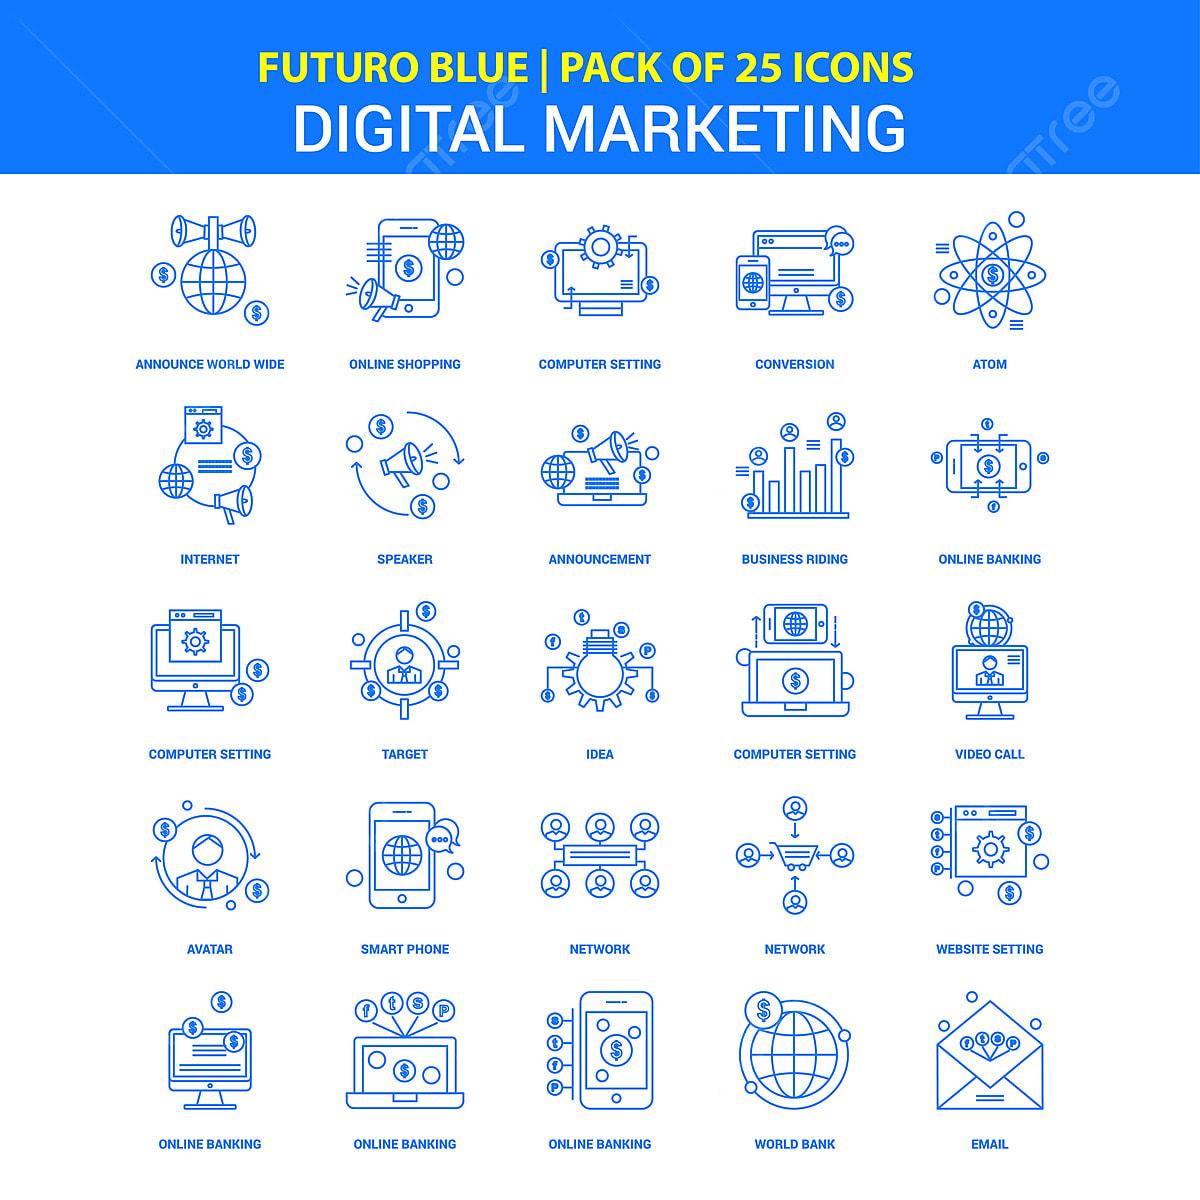 Digital Marketing Icons Futuro Blue 25 Icon Pack, Digital ...